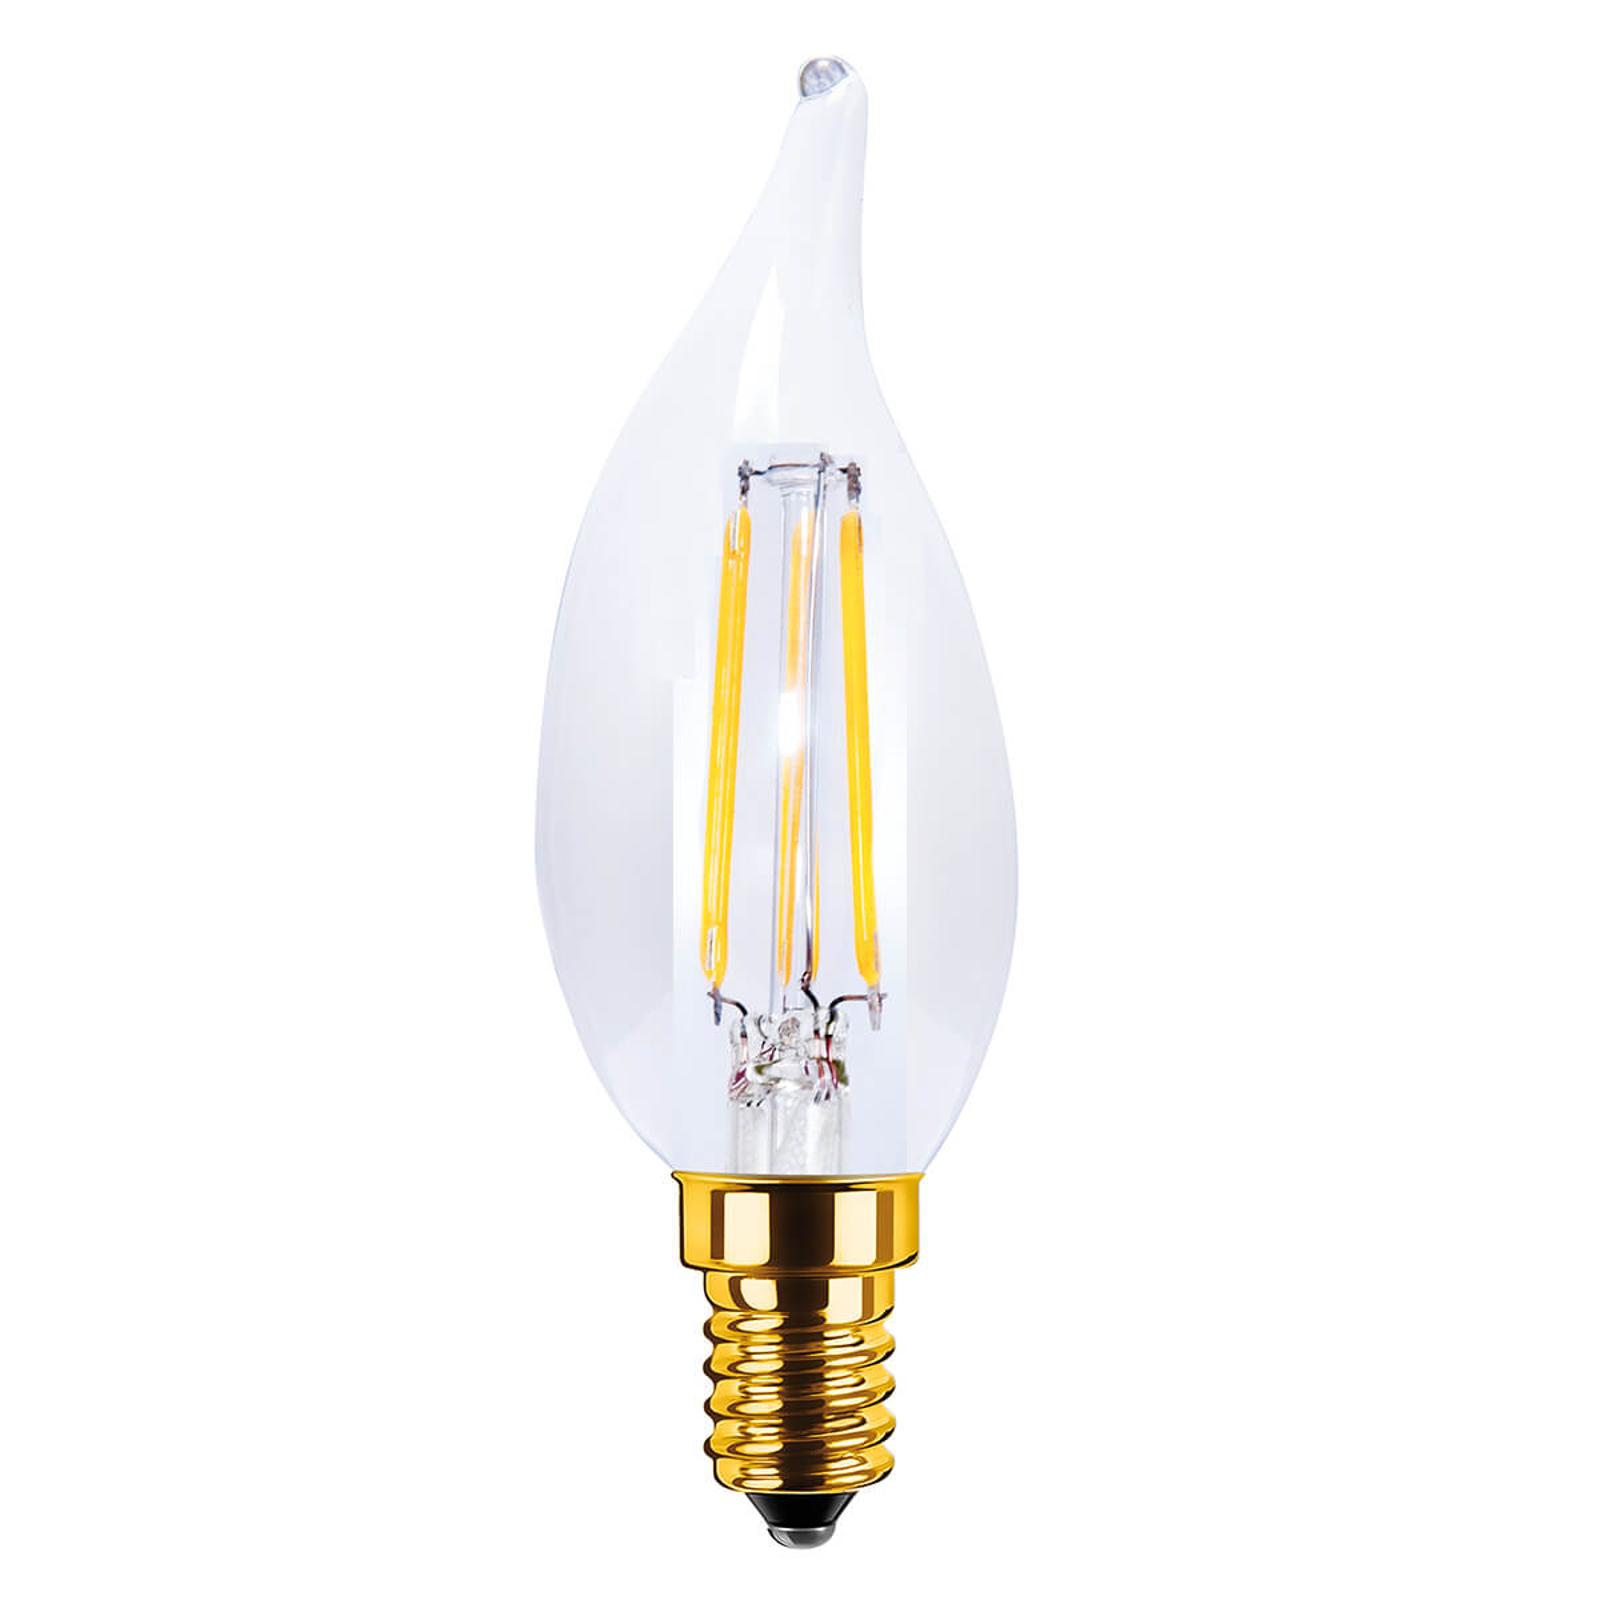 E14 3,5 W 922 LED pære i flammeform vintage klar